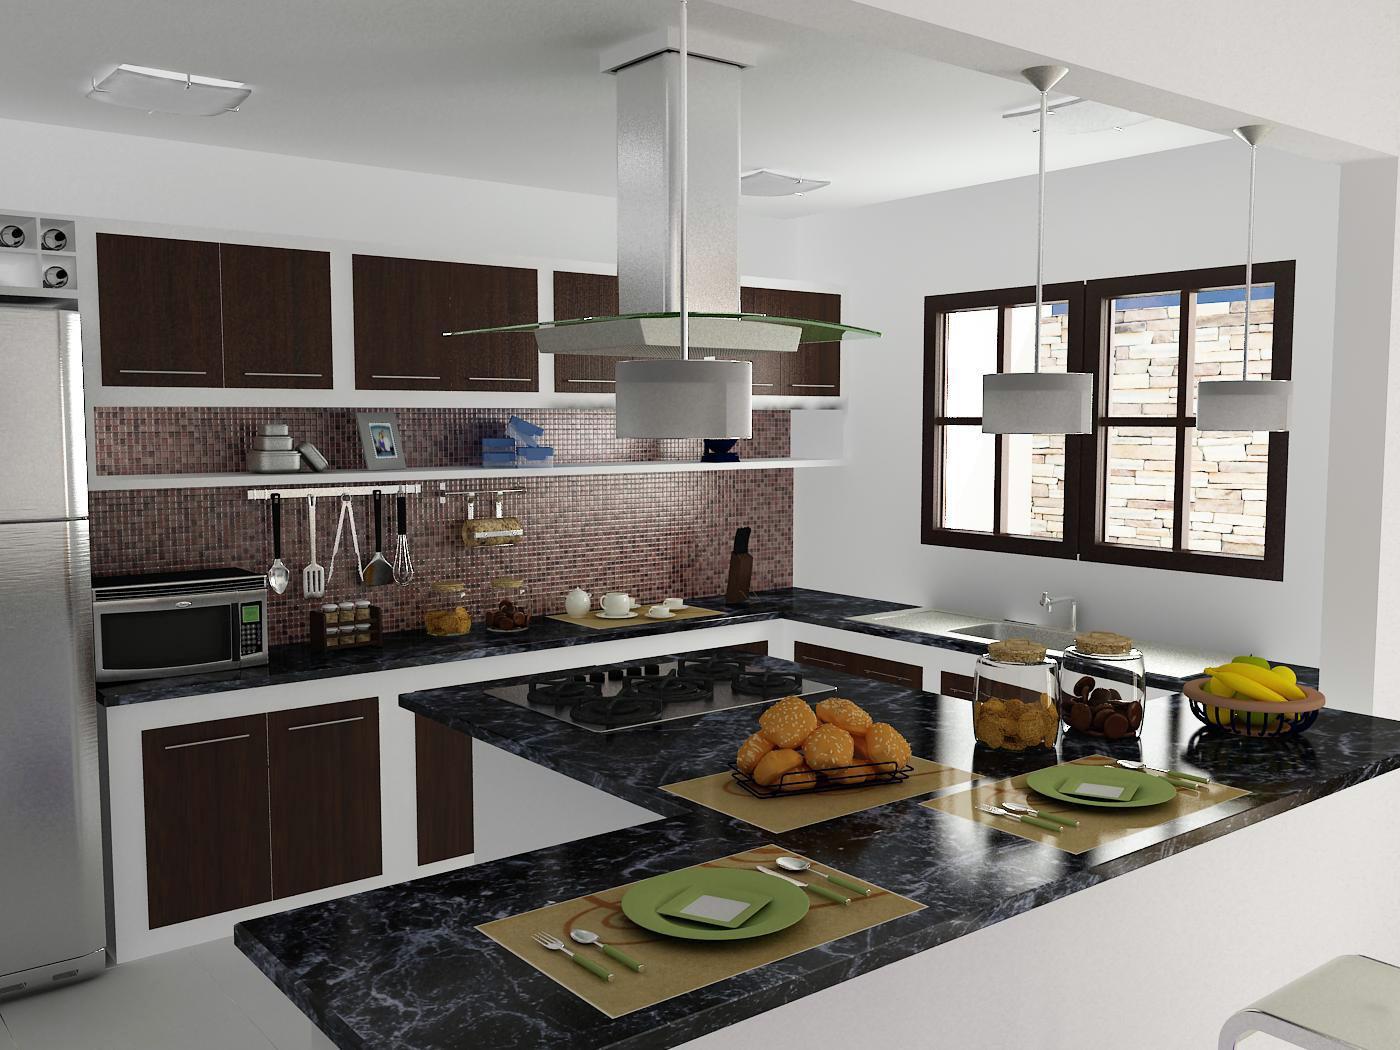 Uma cozinha que terminei hoje 3D Max Vray e PS. #485F83 1400 1050